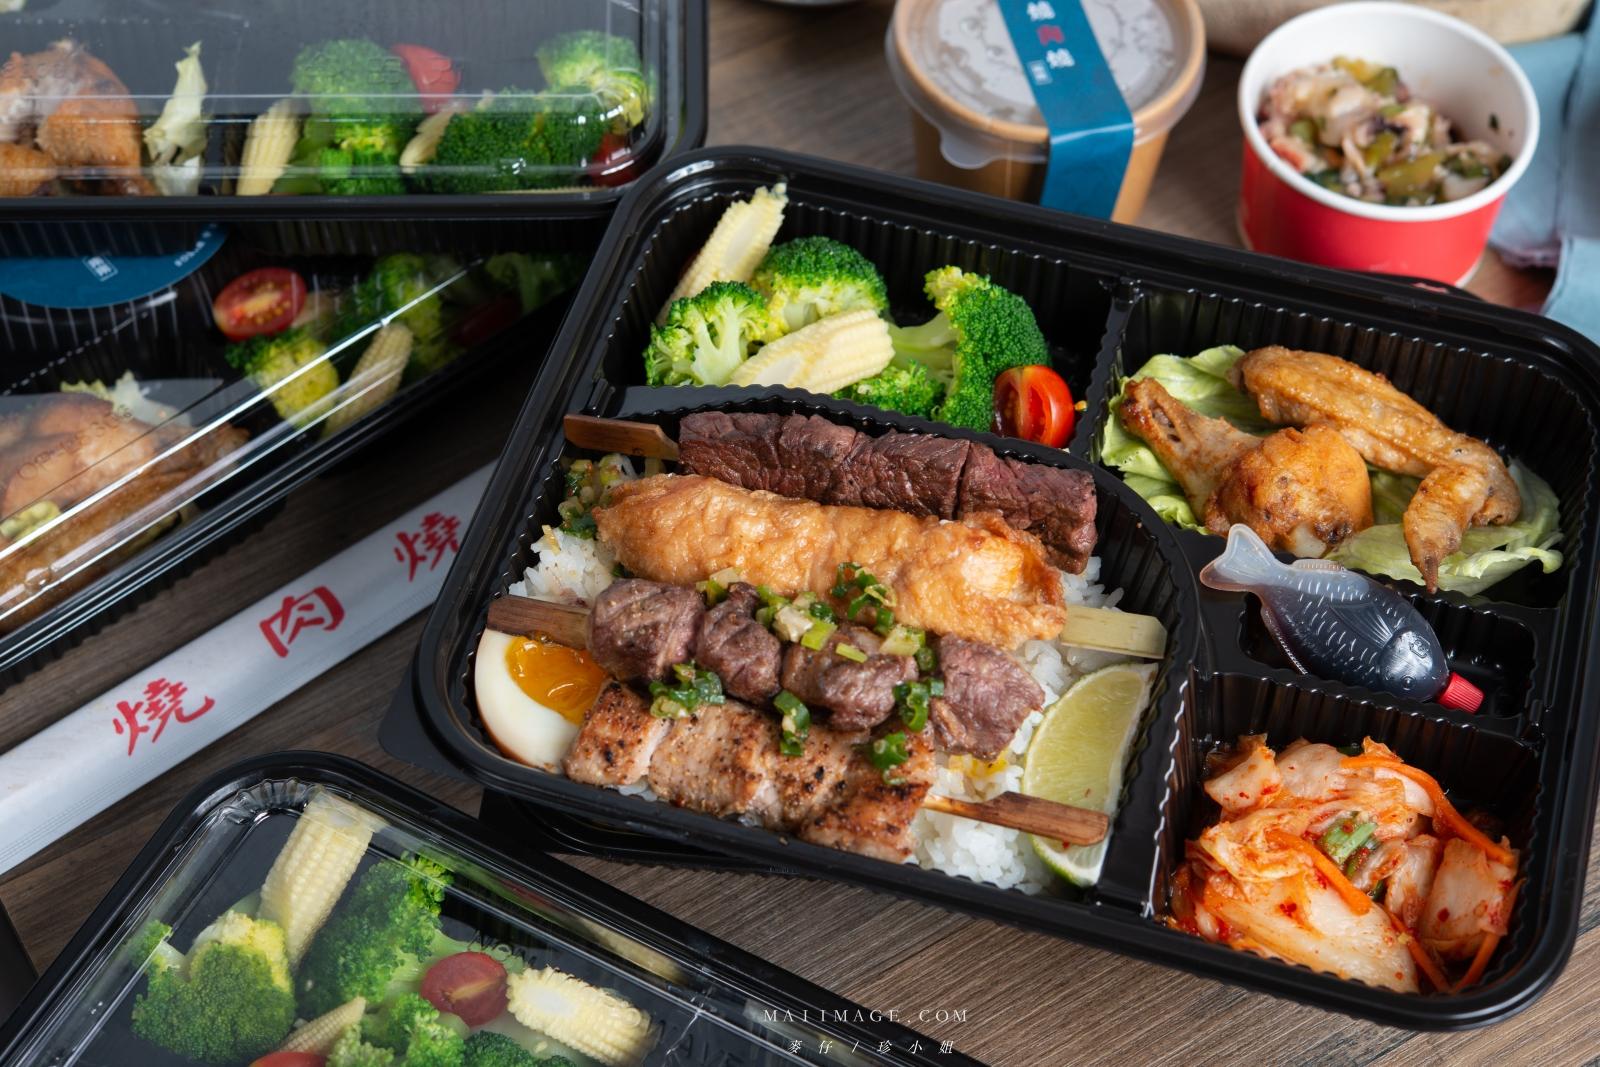 這一盒一解我的燒肉愁!『燒肉燒 x 剛剛雞翅吧』強強聯手燒肉便當。國民舅媽燒肉吃起來~台北市吉林路必訪燒肉店